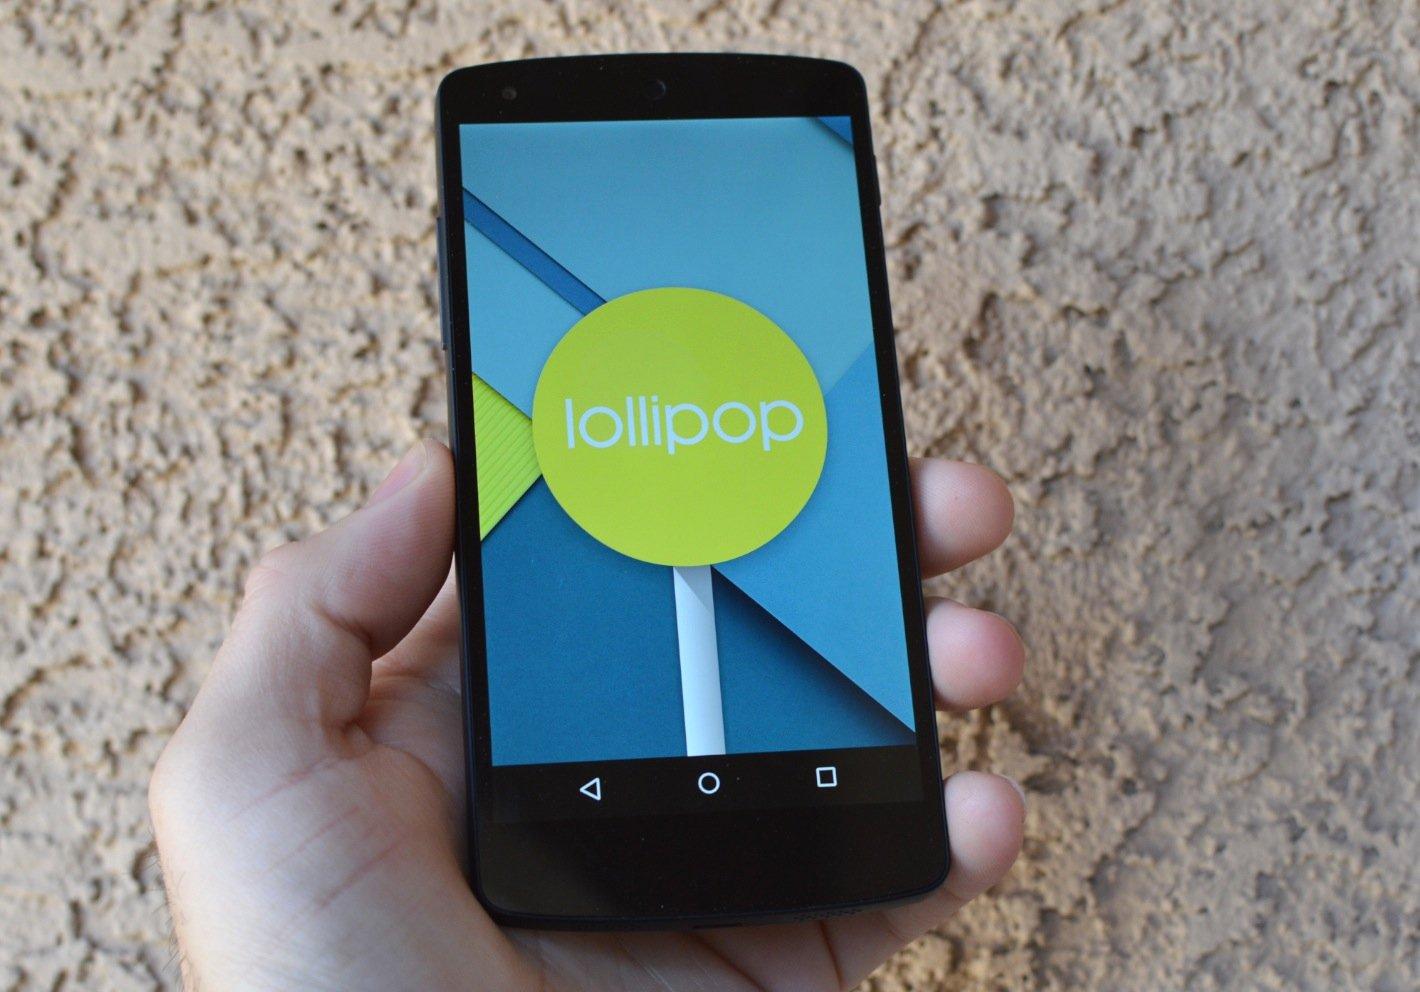 Den här guiden visar hur du installerar Android 5.0 Factory Images